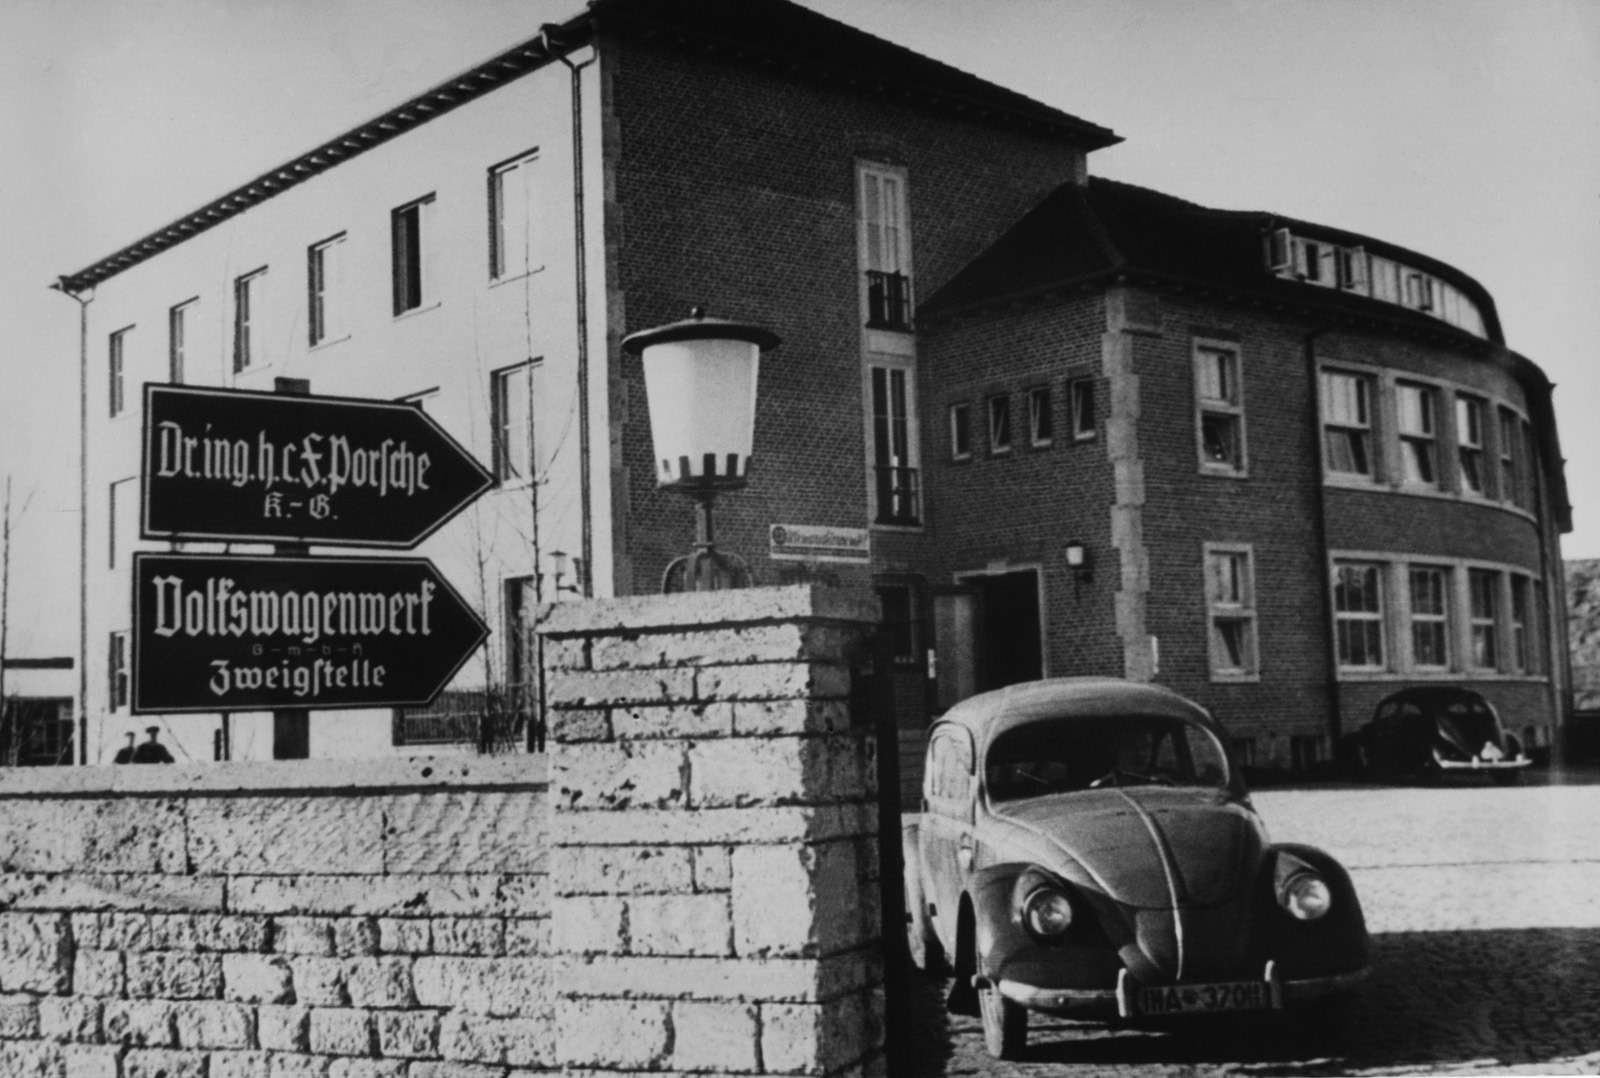 Виюле 1938 года бюро переезжает впросторный особняк наШпитальвальд-штрассе впригороде Штутгарта— Цуффенхаузене. Уворот— один из30прототипов опытной партии будущего Volkswagen.